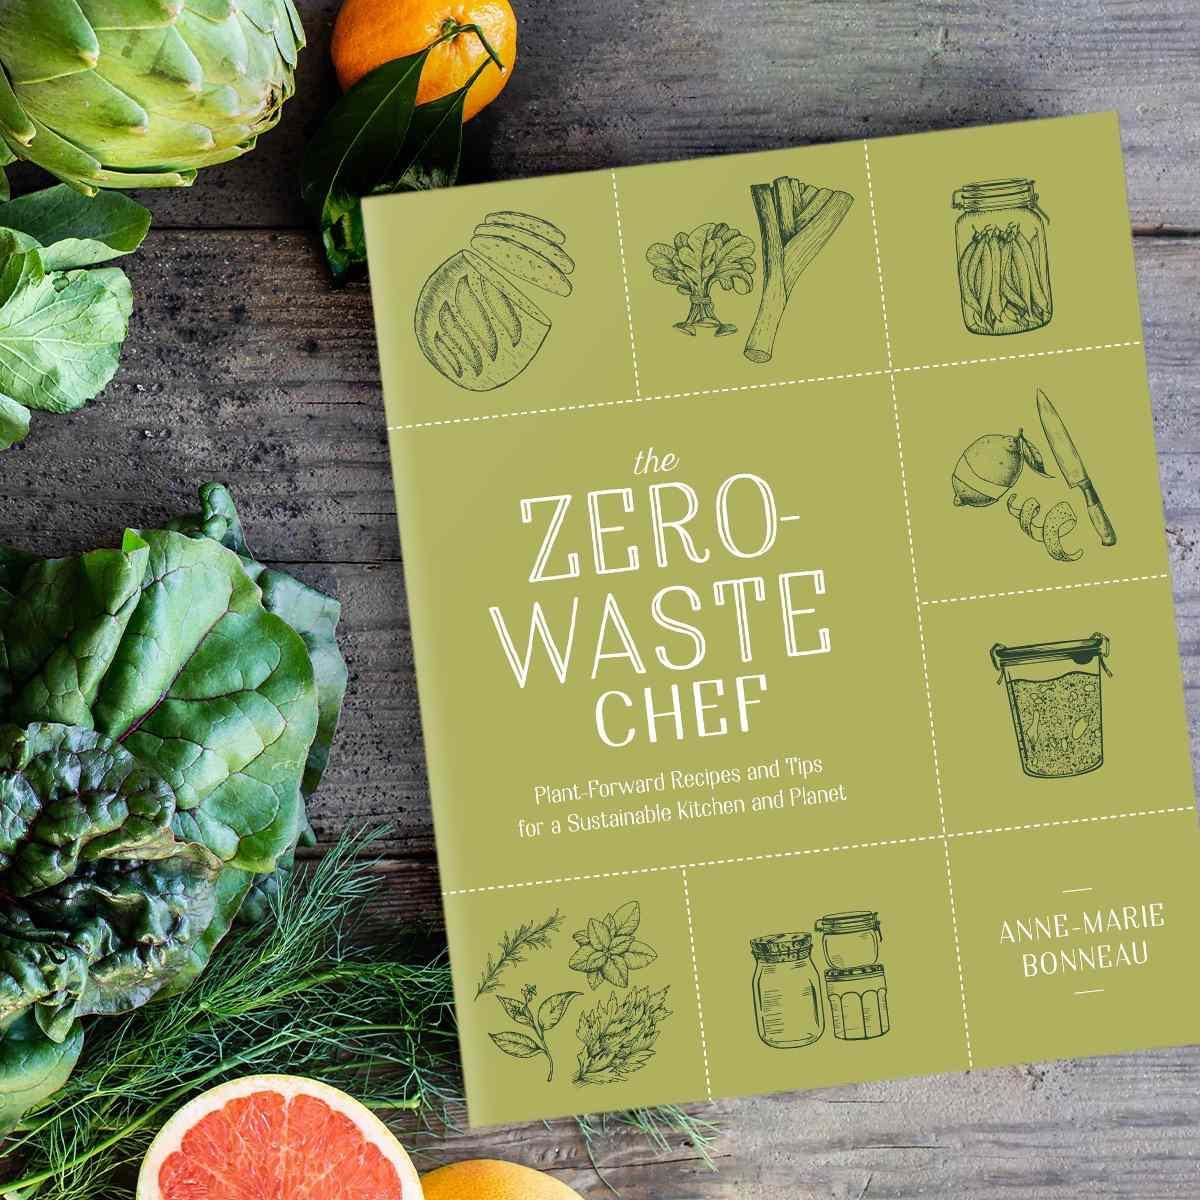 zero waste chef cookbook cover